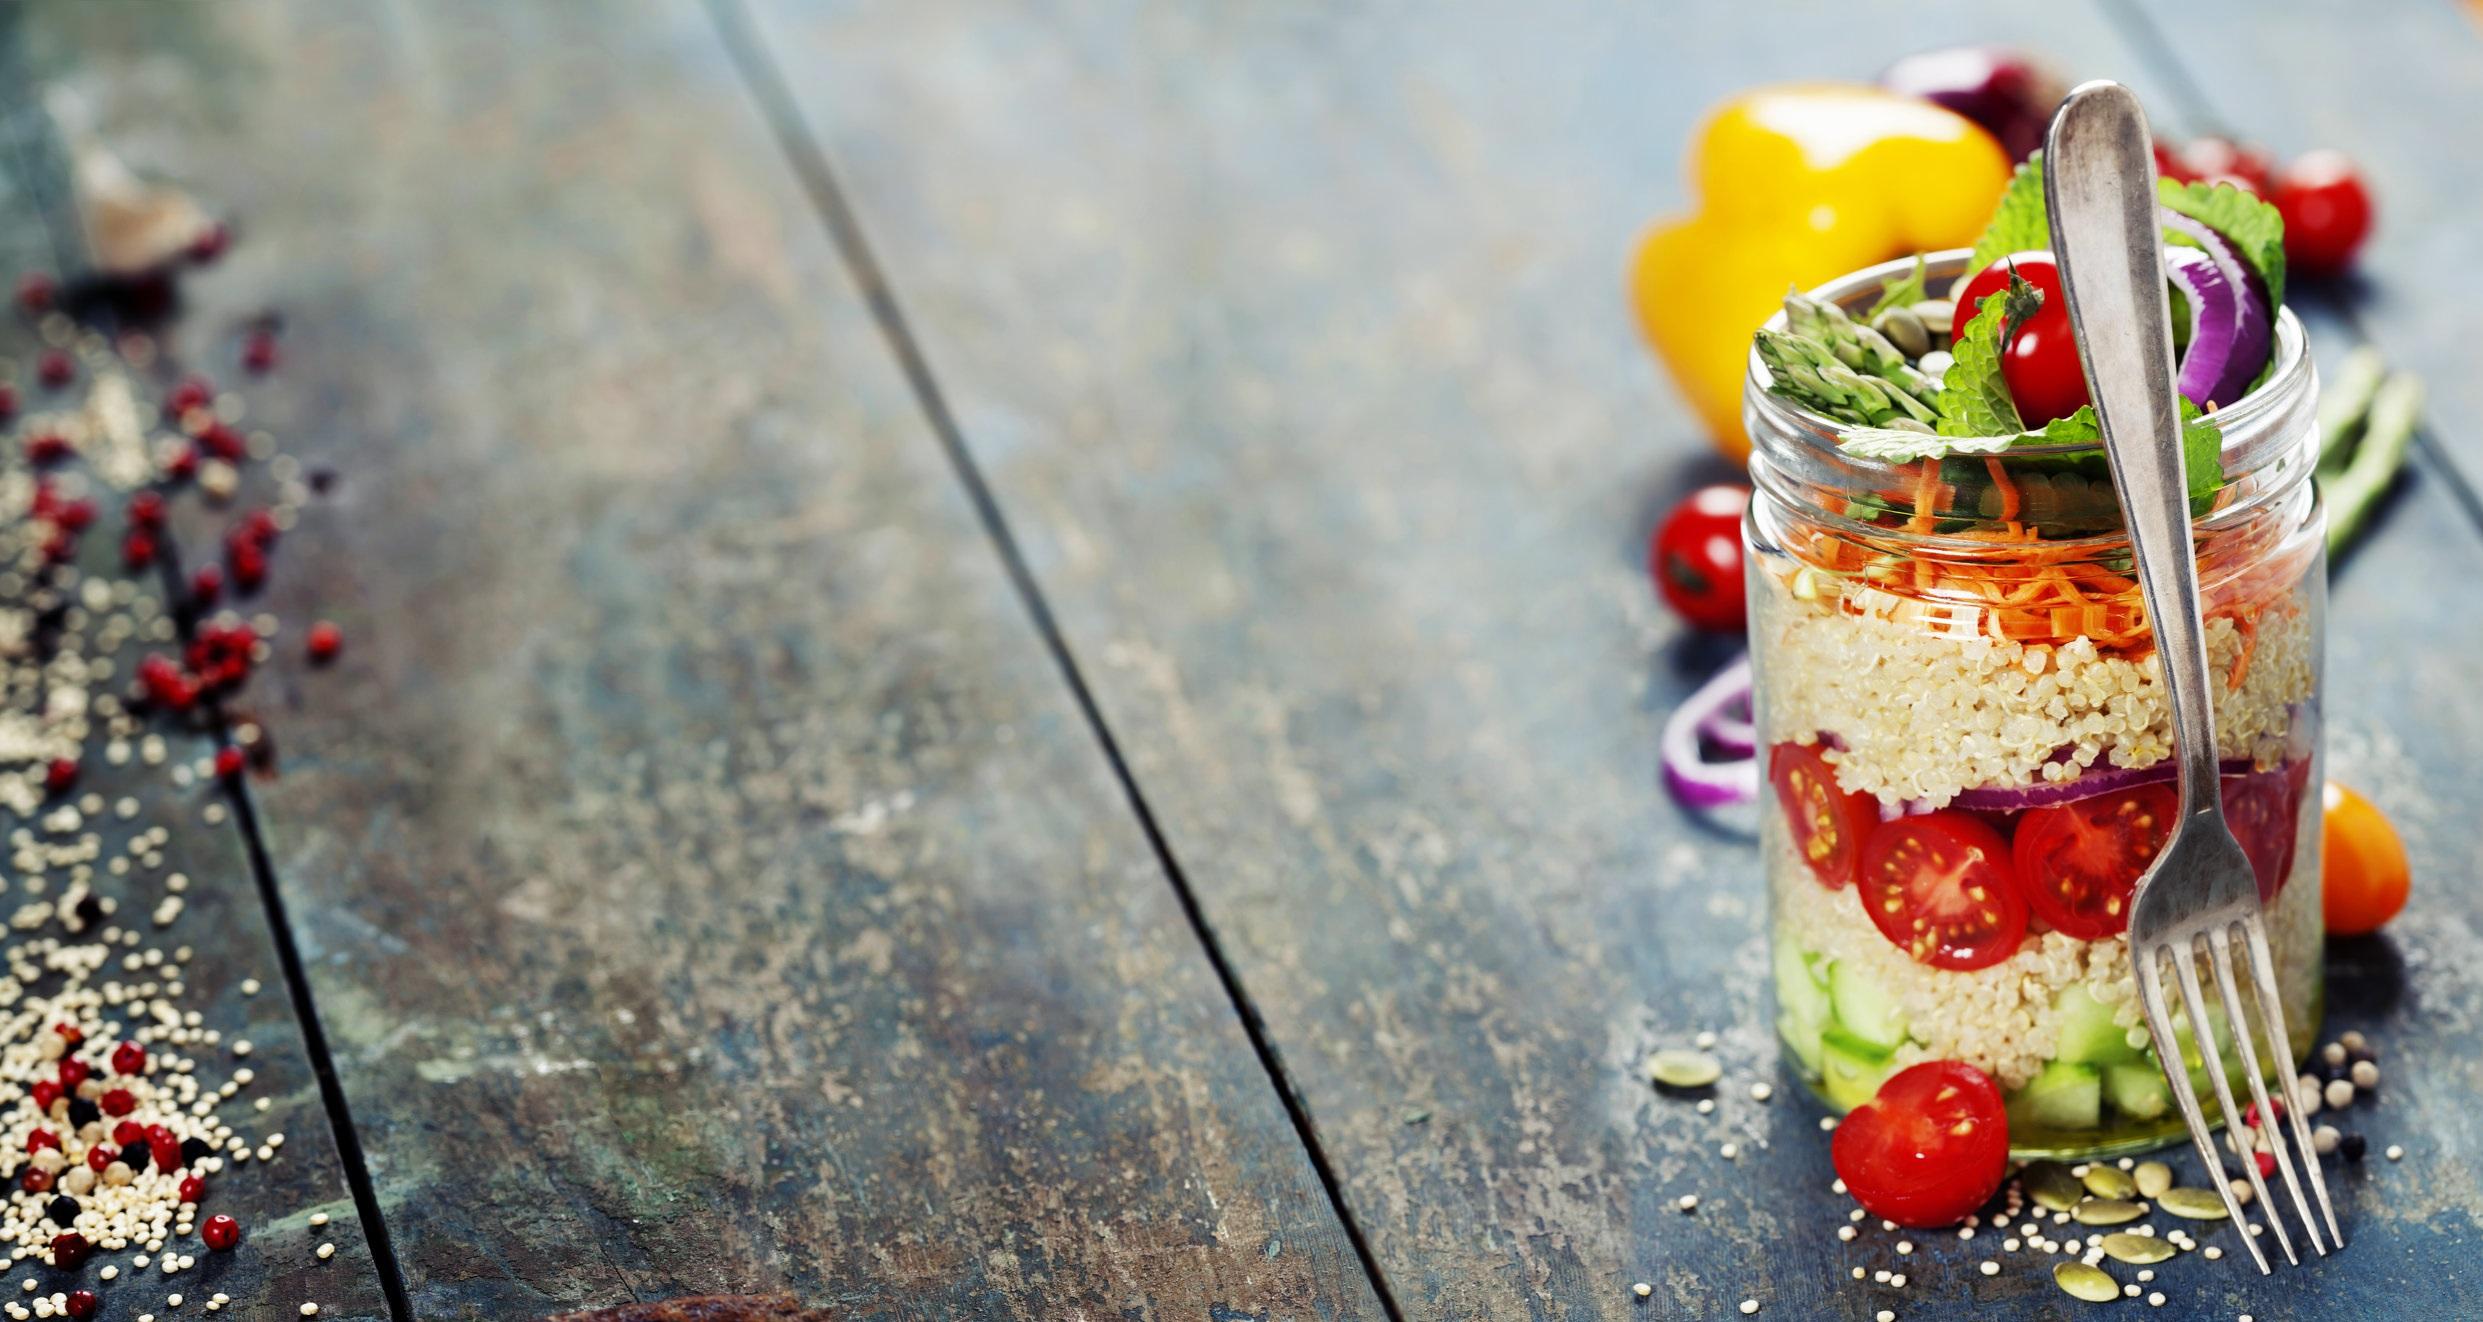 AdobeStock_salad in a jar.jpeg